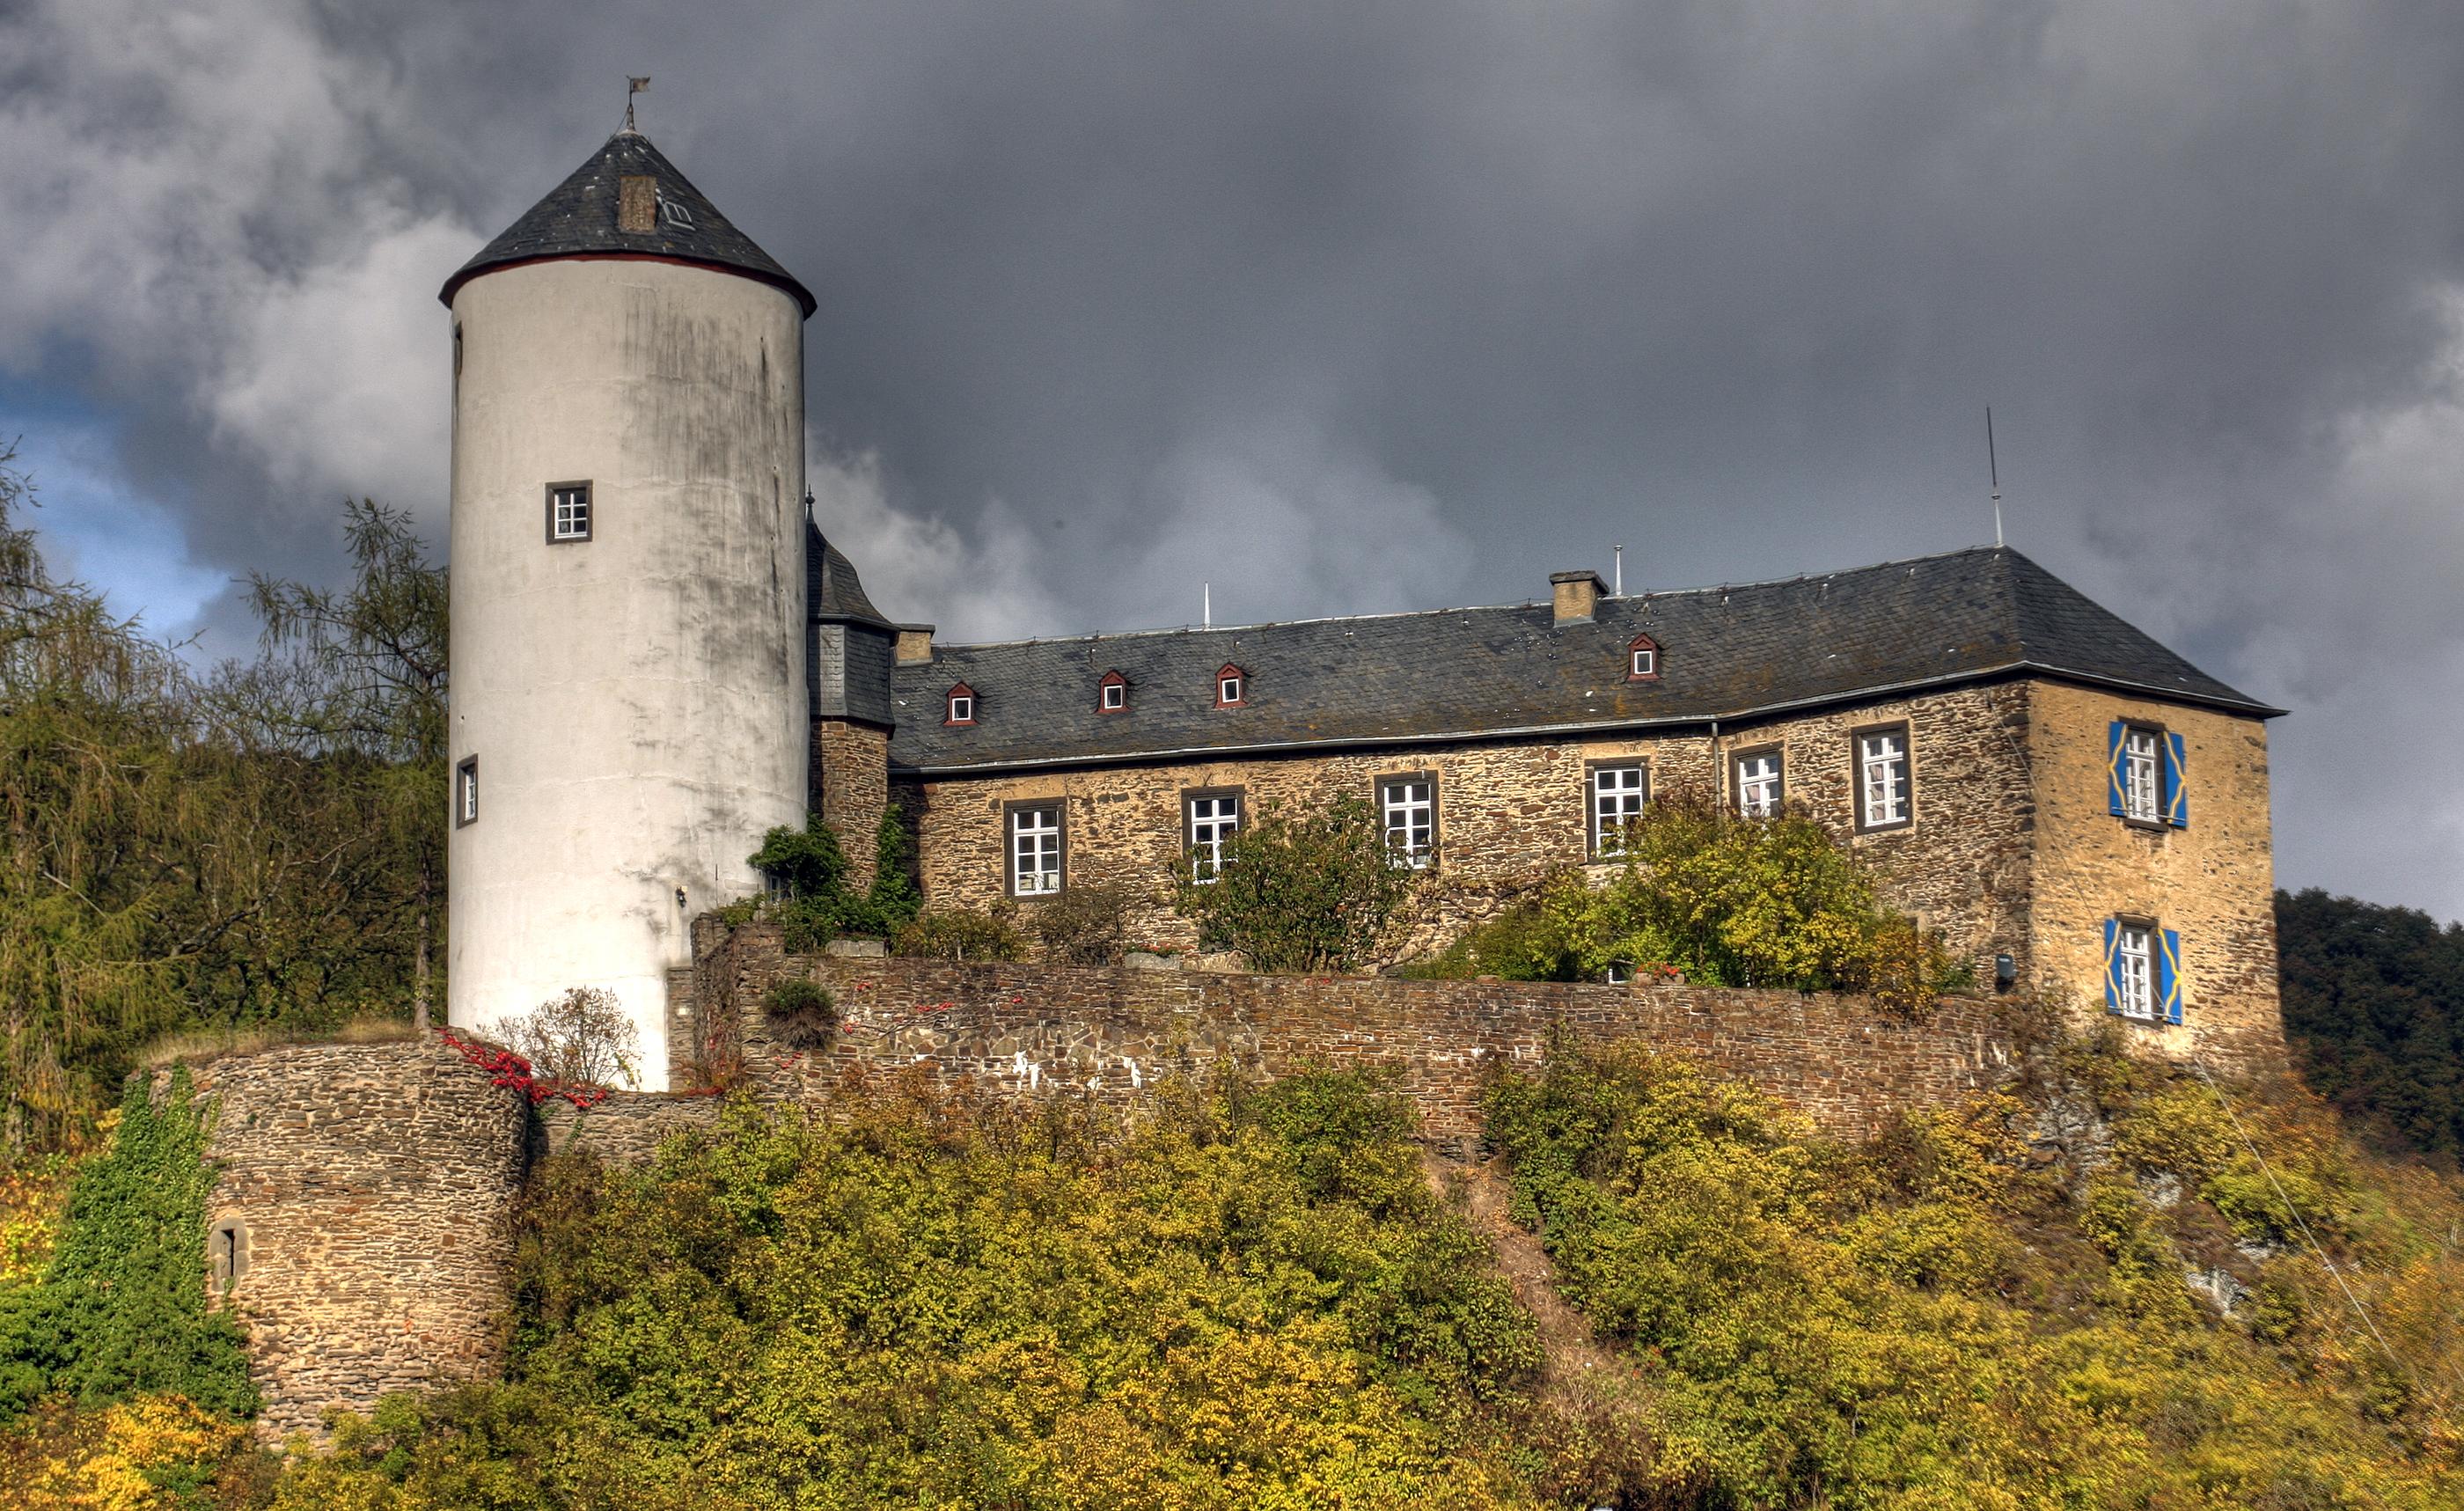 https://upload.wikimedia.org/wikipedia/commons/1/1a/Burg_Kreuzberg,_Ahr,_2009.jpg